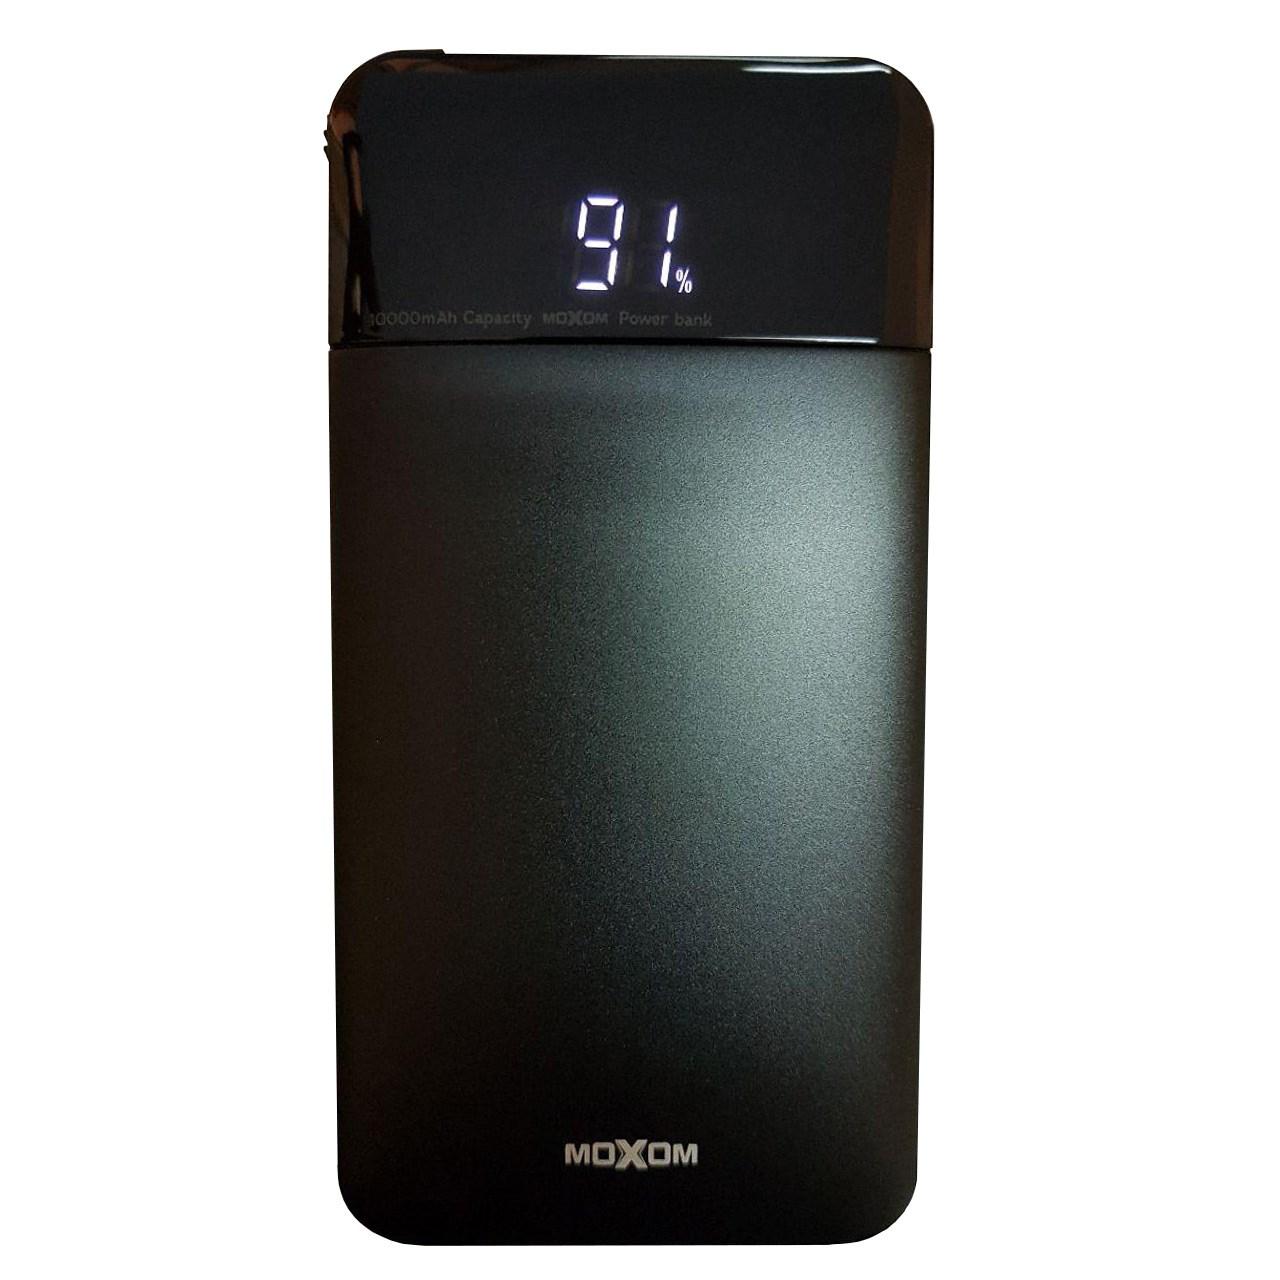 قیمت شارژر همراه موکسوم مدل MI-9 ظرفیت 10000 میلی آمپر ساعت